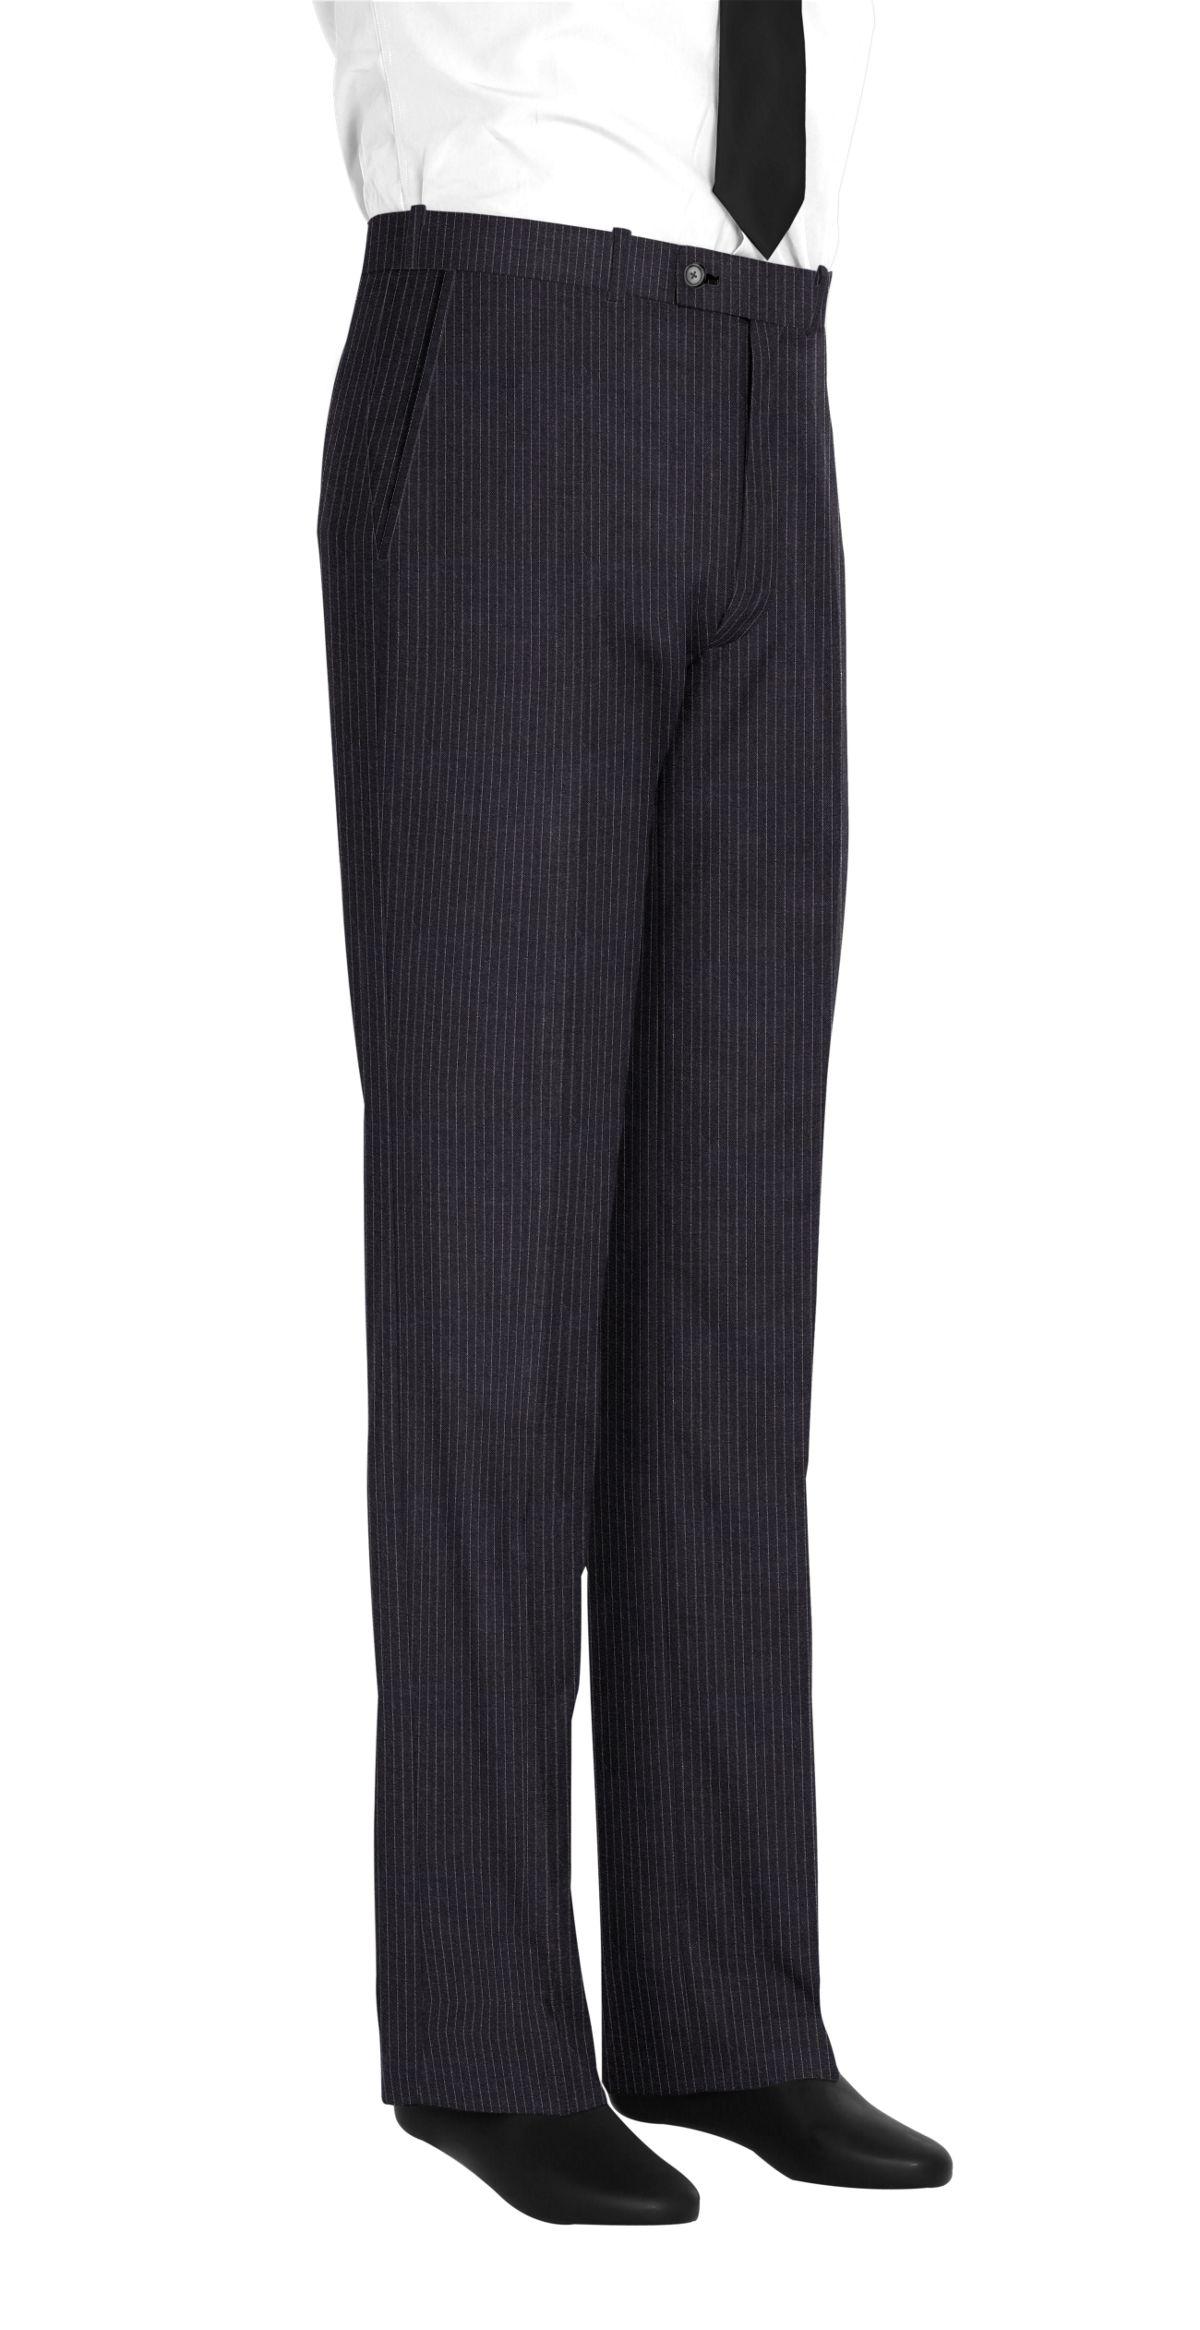 Pantalon gris rayé pour ensemble jaquette